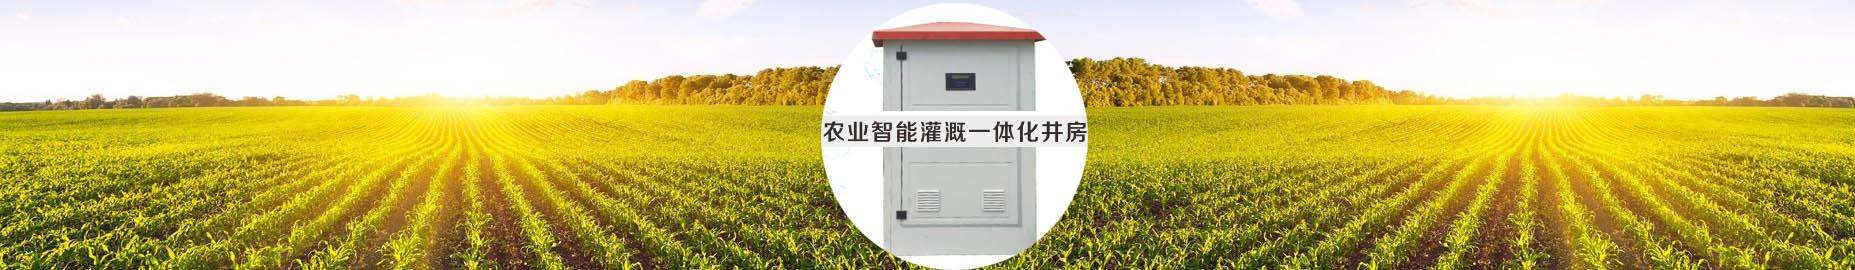 農業智能灌溉一體化井房